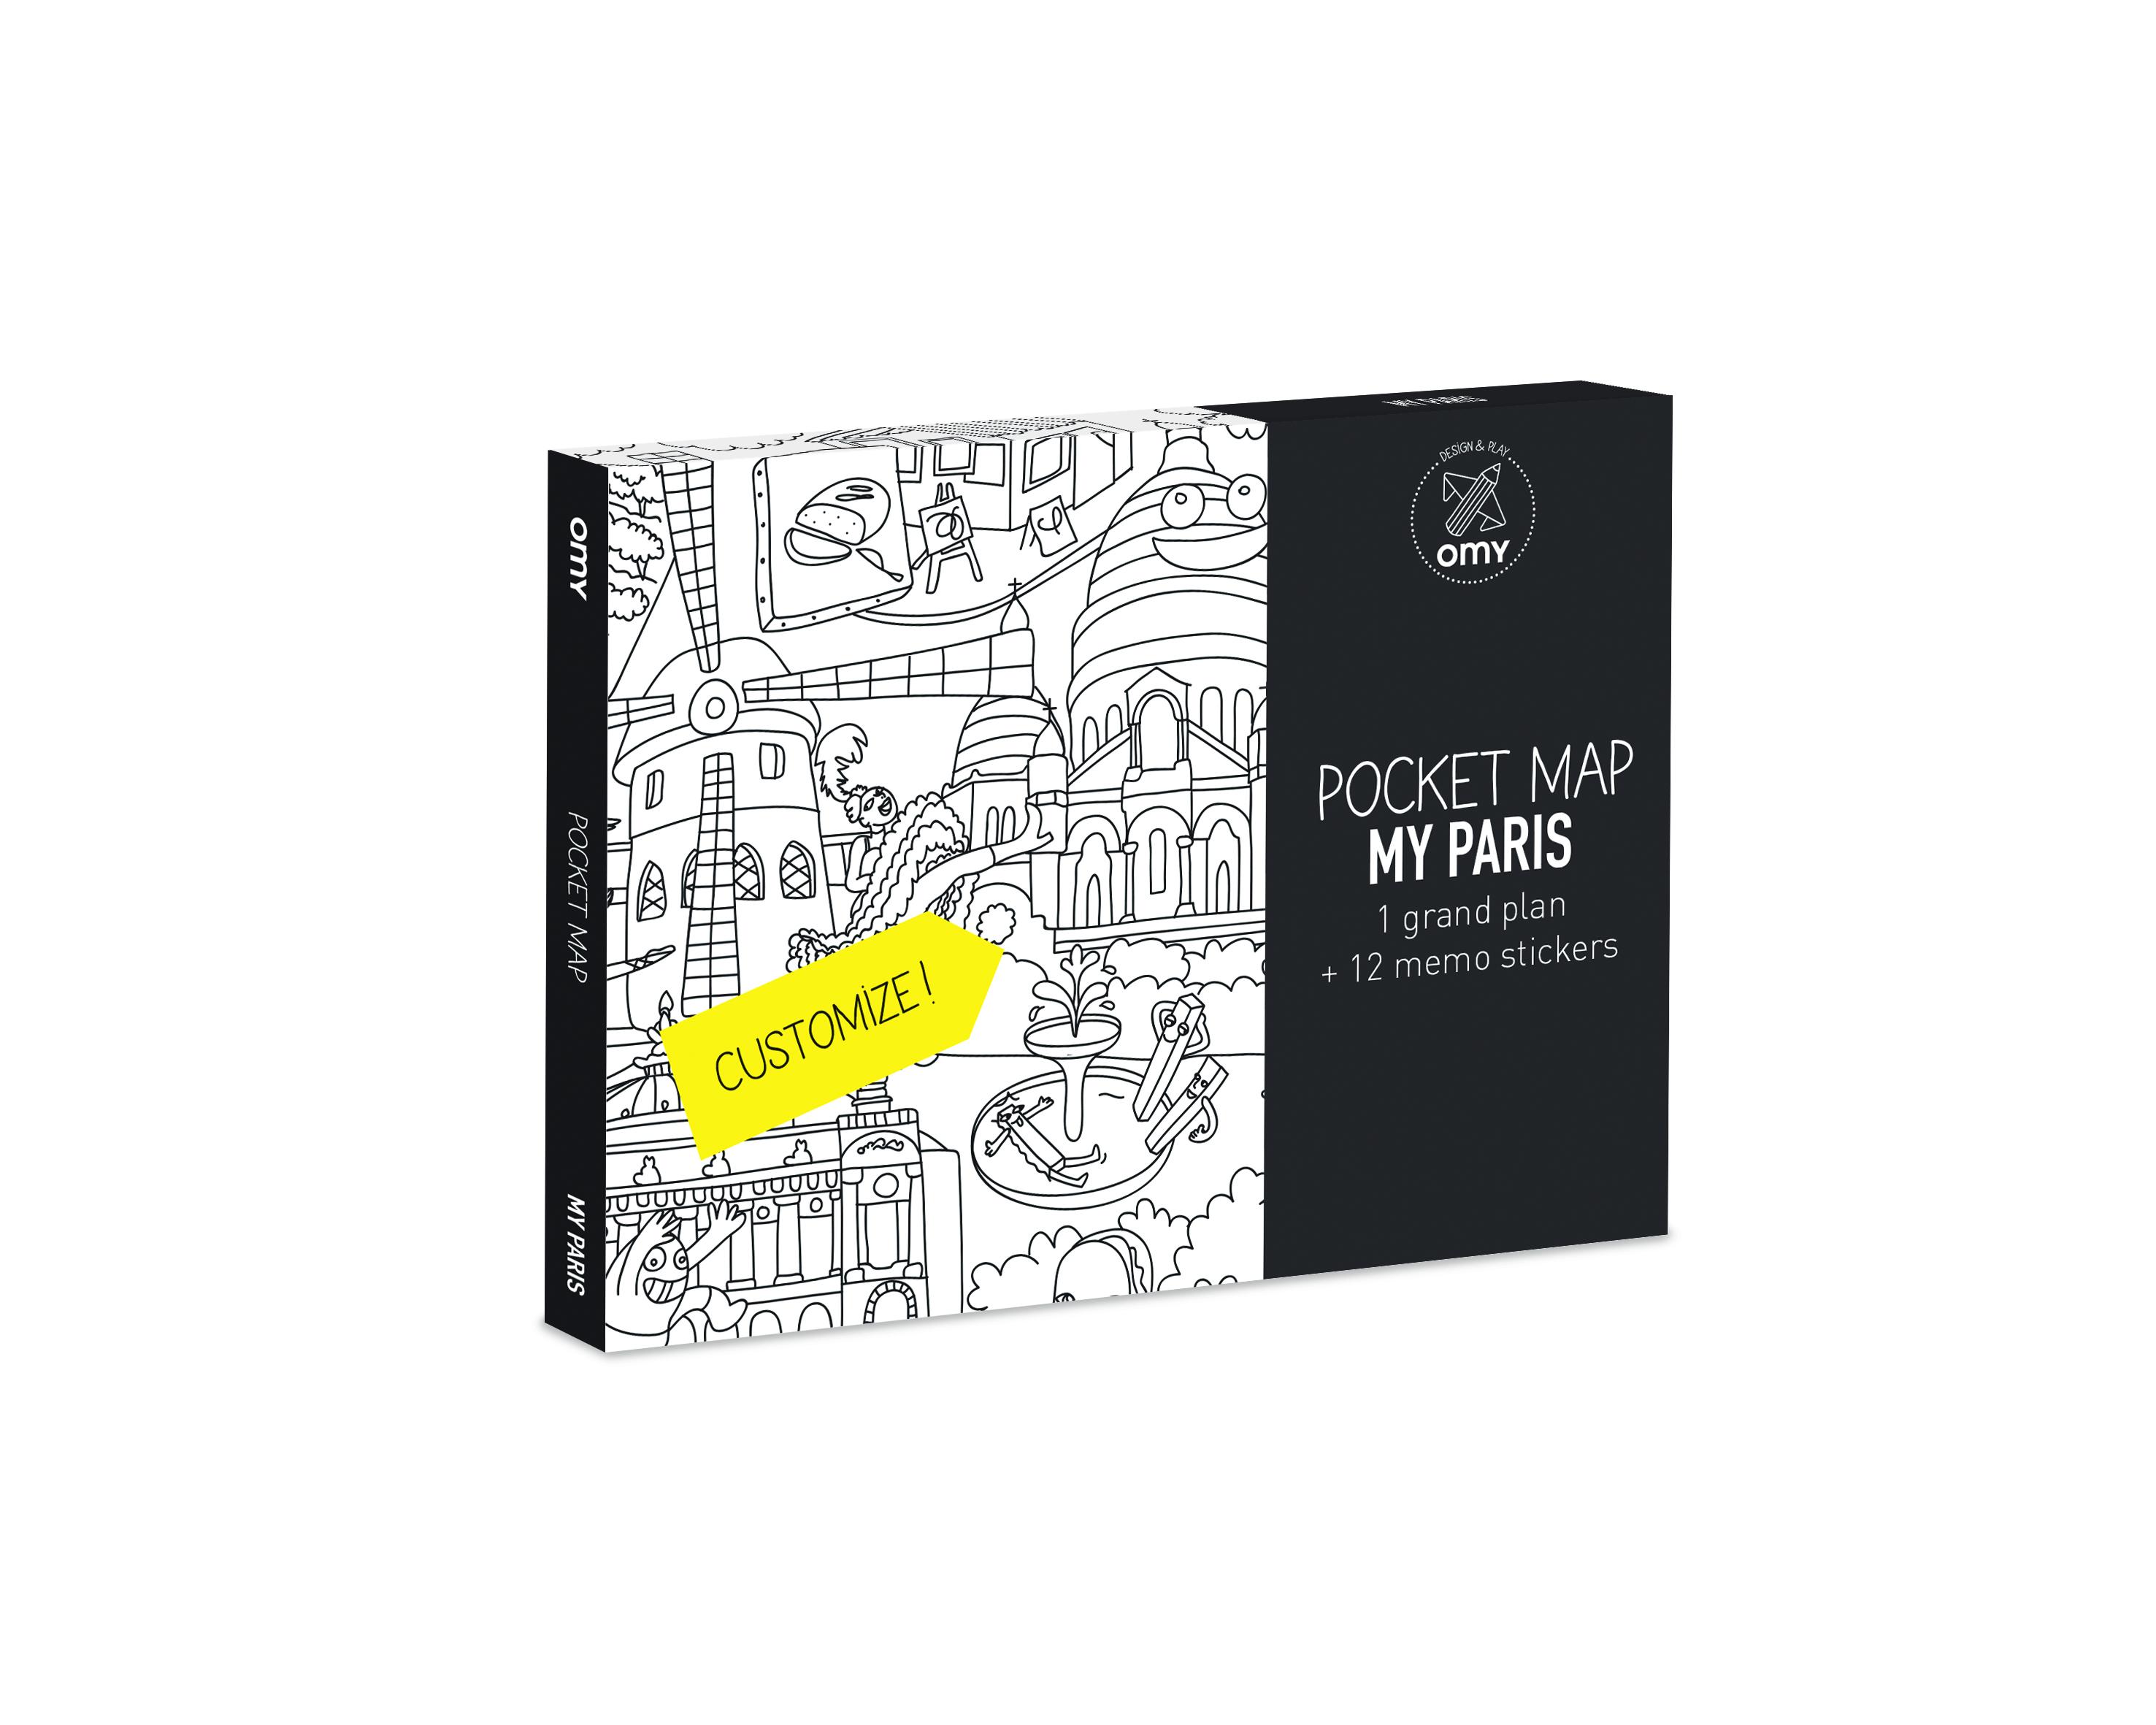 100 poster paris xxl plan de one voice europa. Black Bedroom Furniture Sets. Home Design Ideas